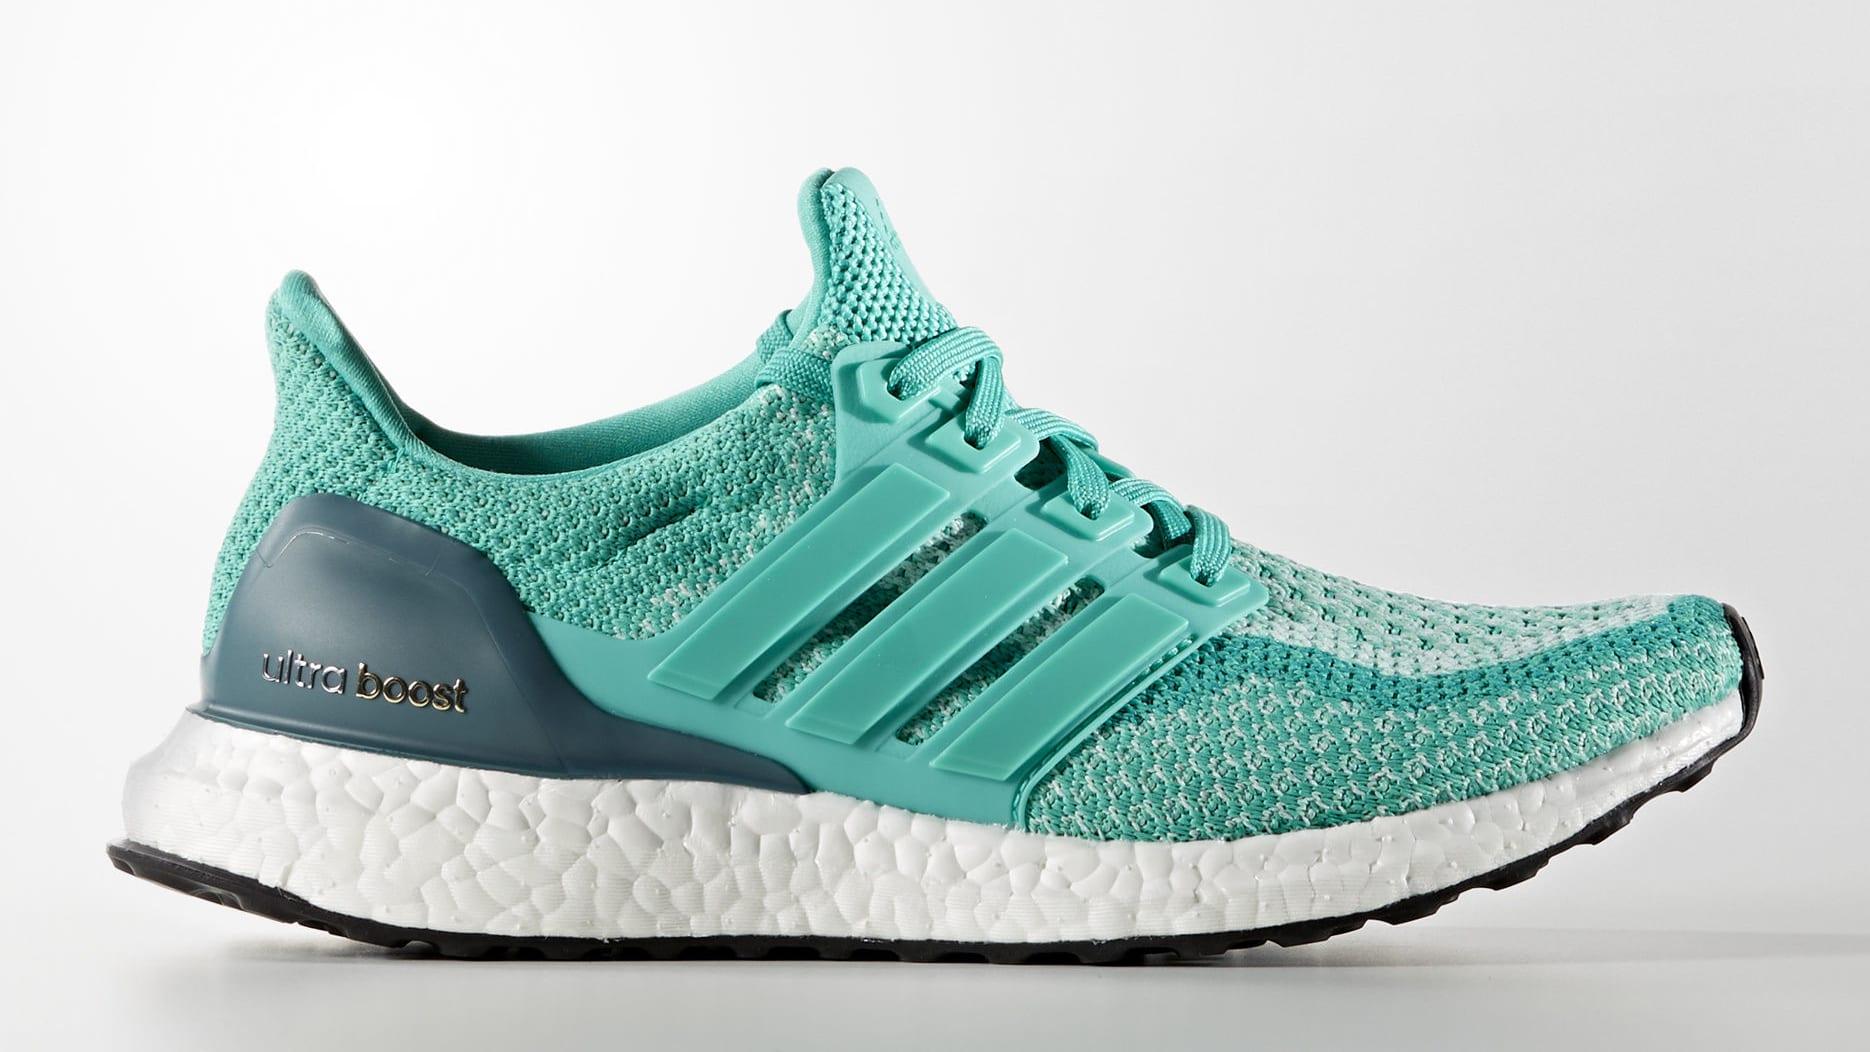 adidas-womens-ultra-boost-2-0-shock-mint-aq5937-lateral